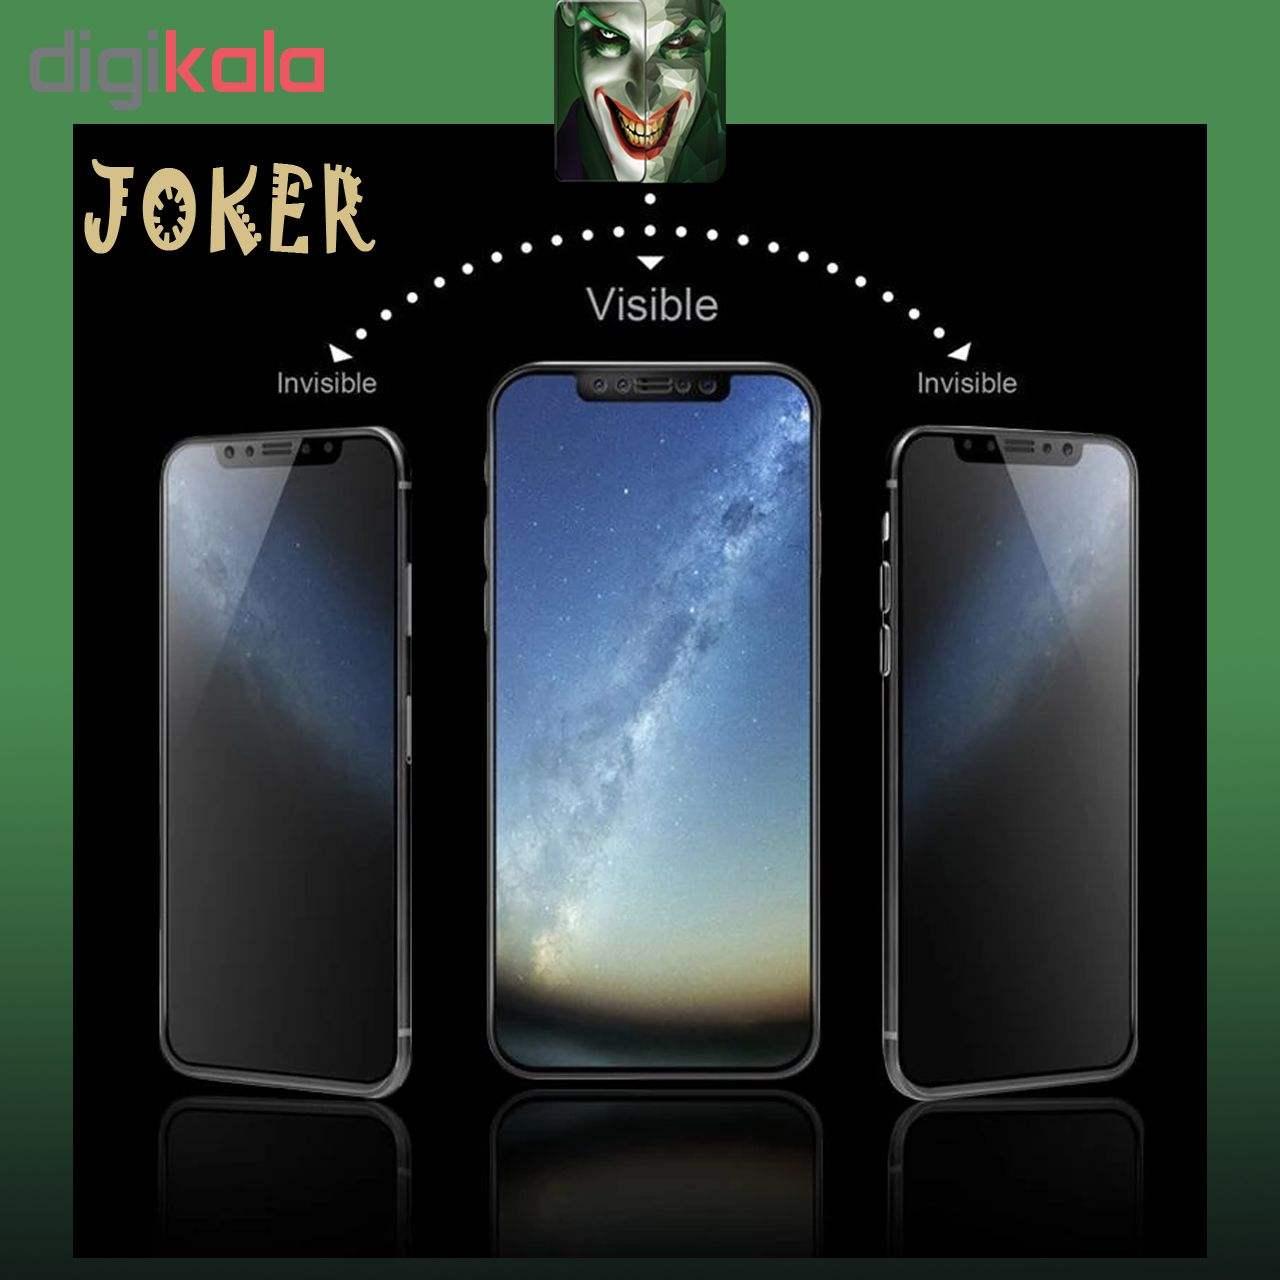 محافظ صفحه نمایش حریم شخصی و پشت گوشی   جوکر مدل FUM-01 مناسب برای گوشی موبایل اپل Iphone Xs  به همراه محافظ لنز دوربین  main 1 8